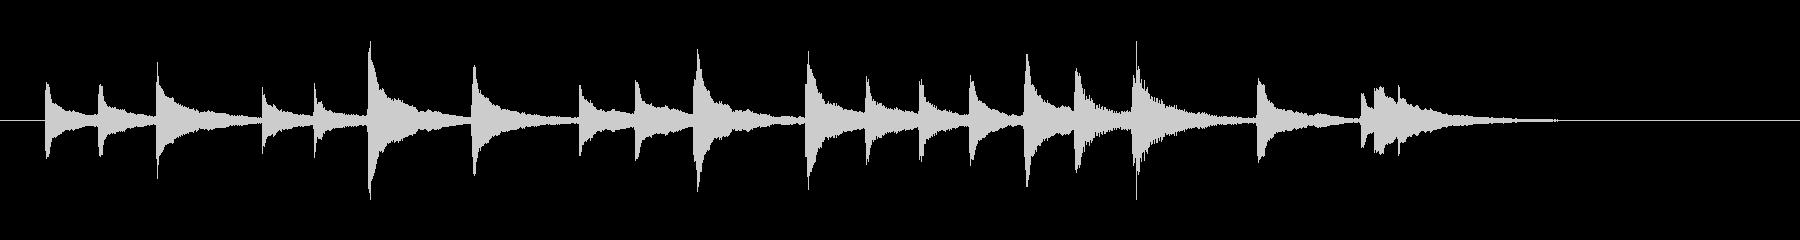 トイピアノで作った短くて可愛いジングルの未再生の波形